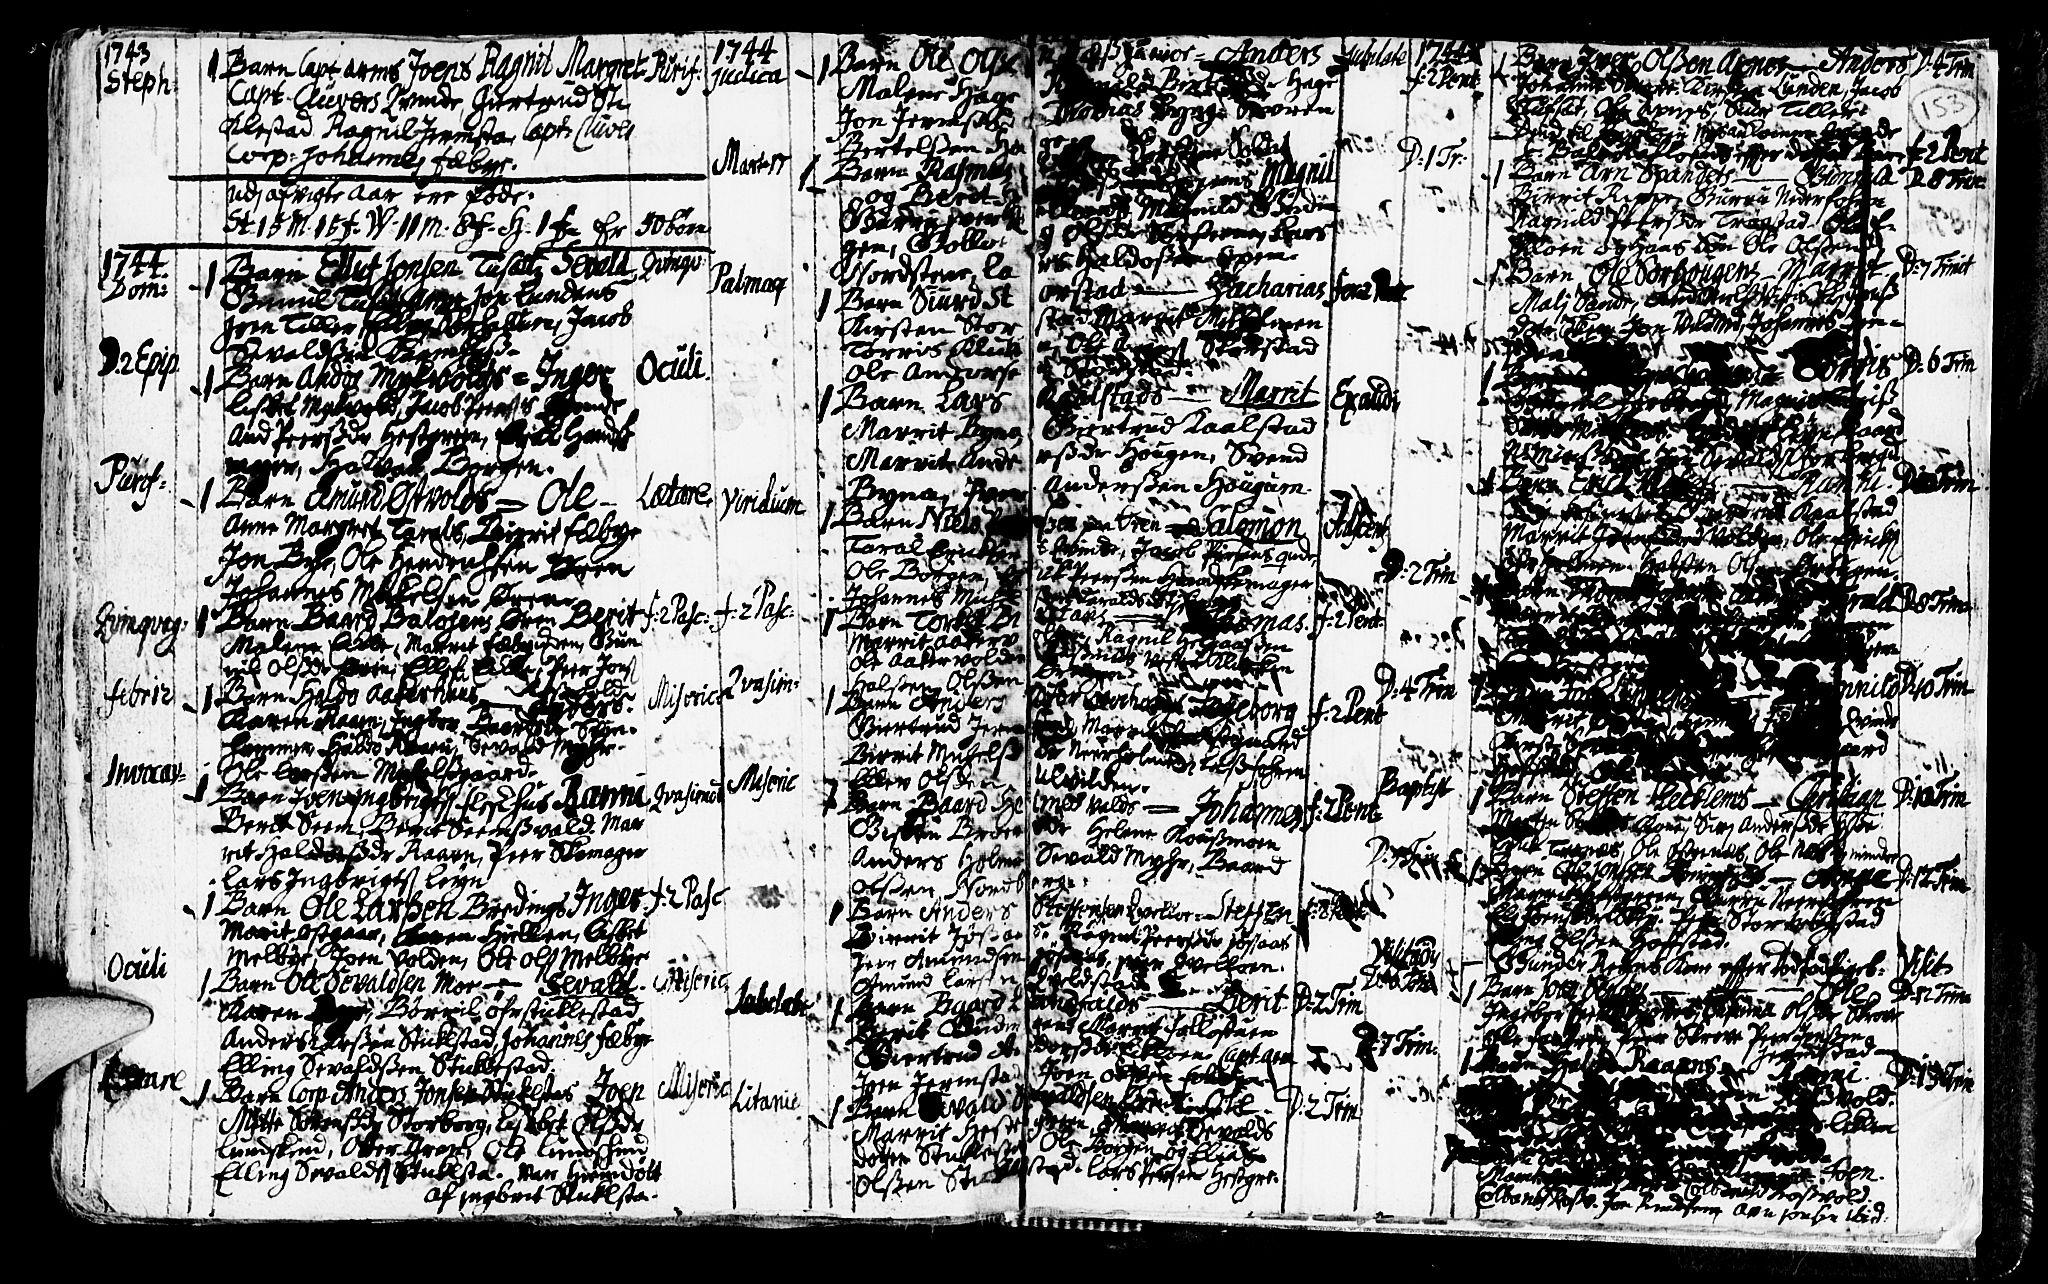 SAT, Ministerialprotokoller, klokkerbøker og fødselsregistre - Nord-Trøndelag, 723/L0230: Ministerialbok nr. 723A01, 1705-1747, s. 153